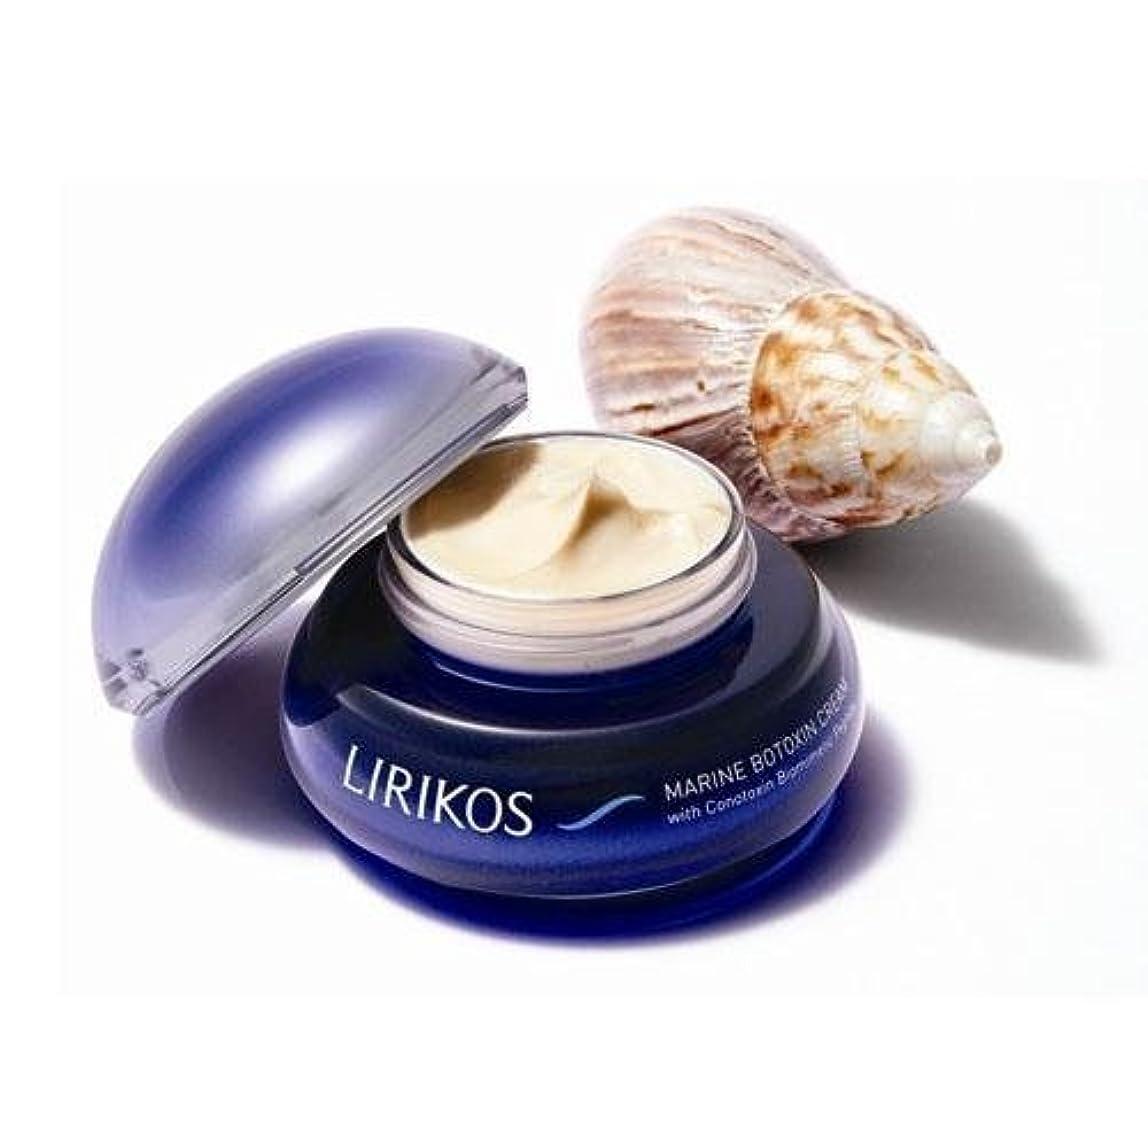 見つけた叙情的な特定のLIRIKOS Marine Botoxin Cream/ Made in Korea